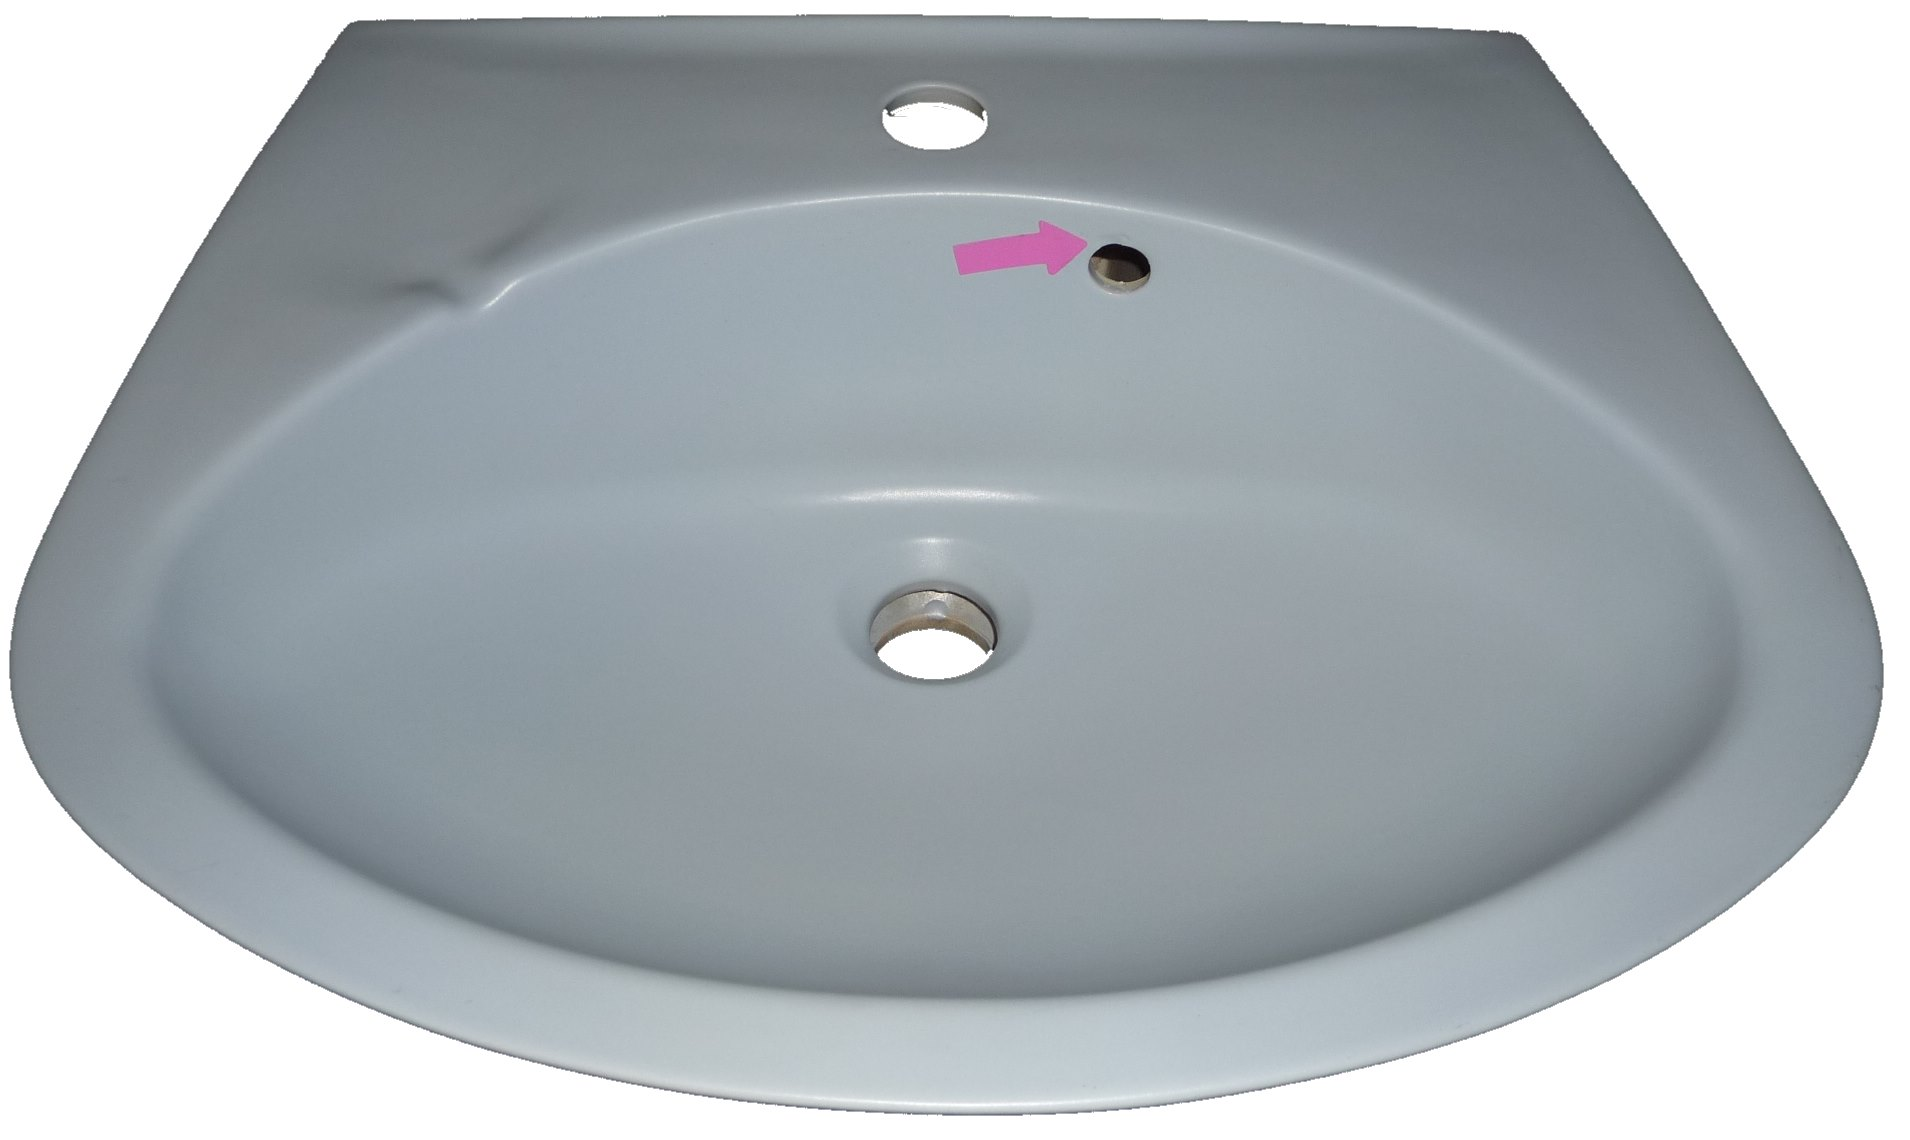 crocus Handwaschbecken 50 x 40 cm Warneton mit kleinen Fehler